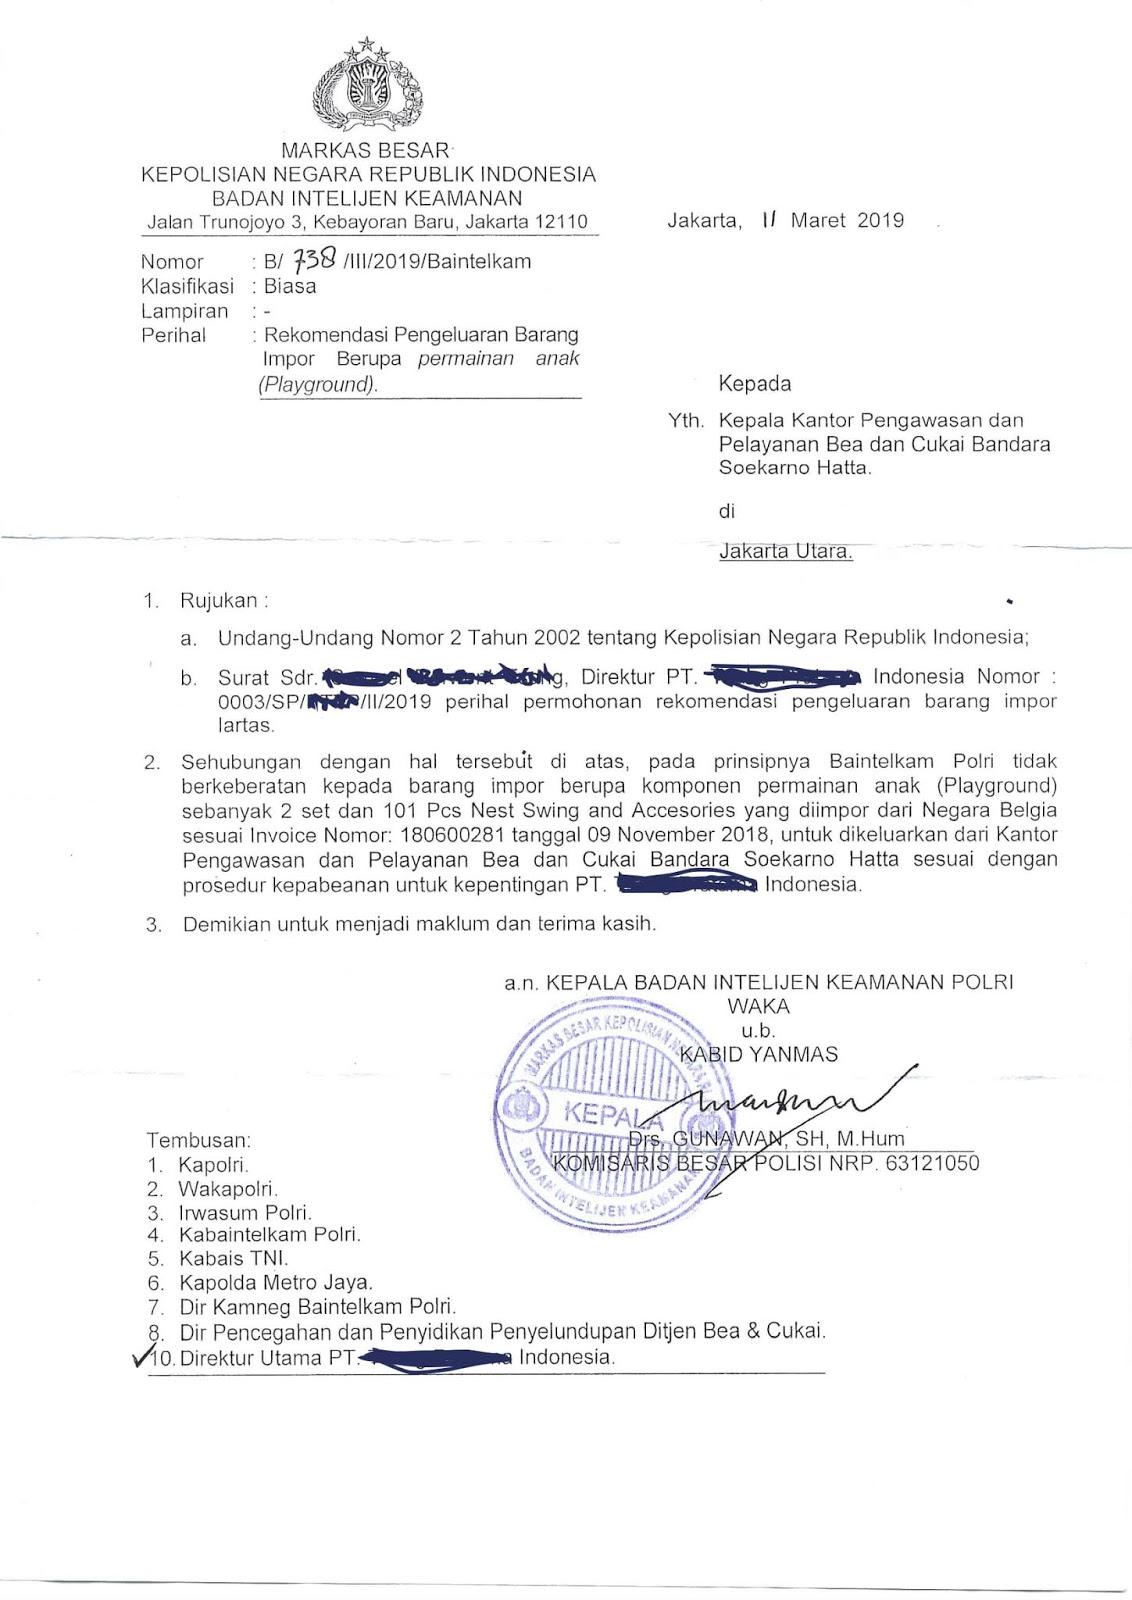 Contoh Surat Larangan Dan Pembatasan Lartas Wajib Izin